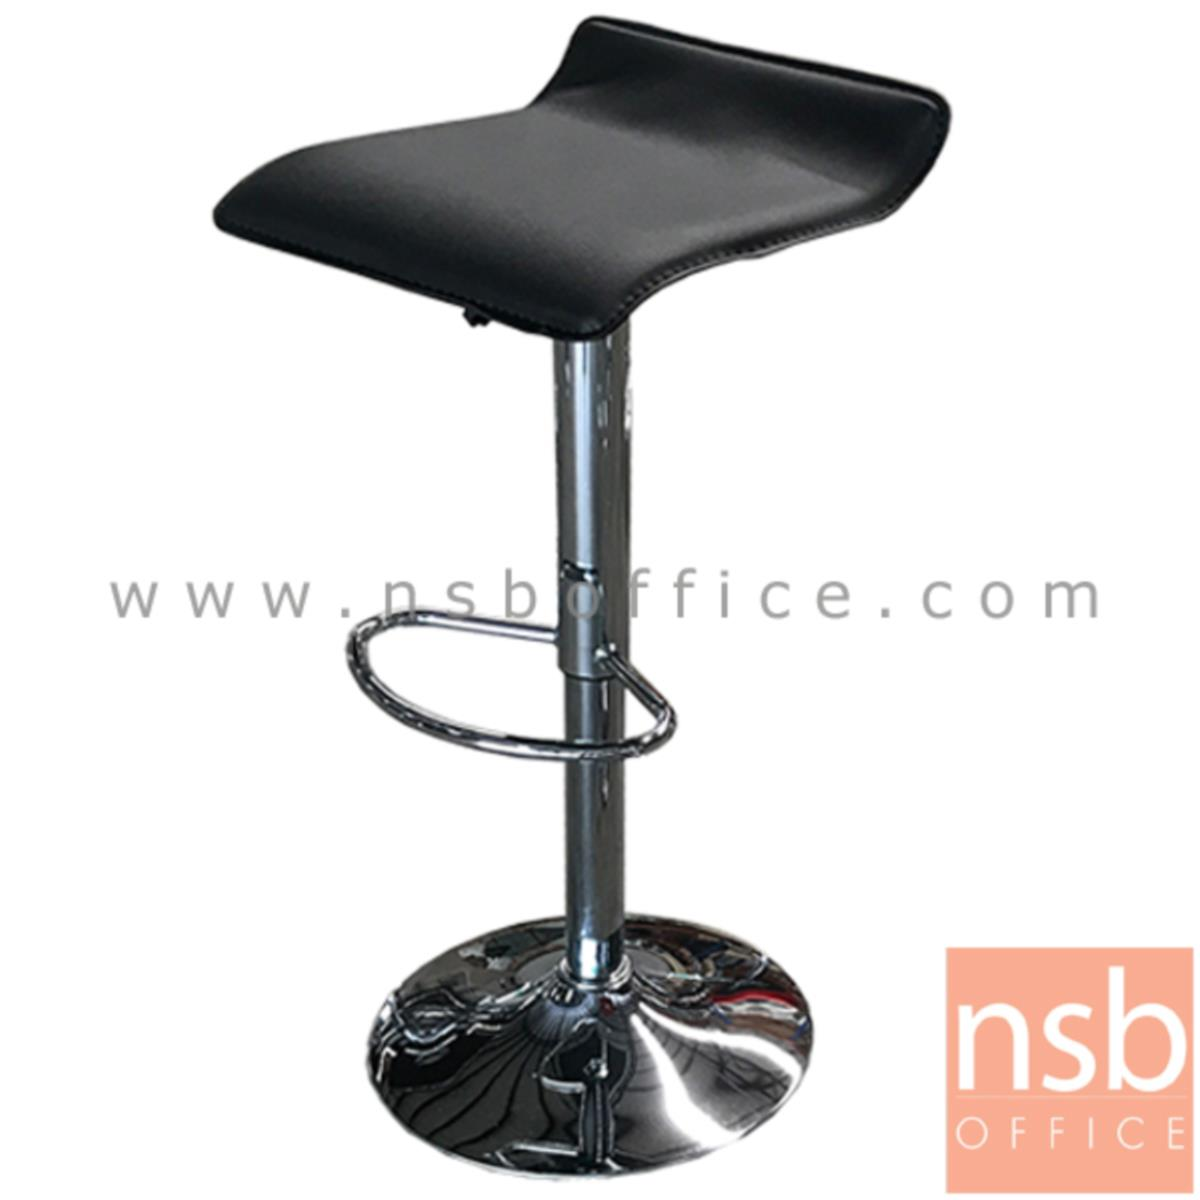 B18A030:เก้าอี้บาร์สูงหนังเทียม รุ่น Valinor (วาลินอร์) ขนาด 38W cm. โช๊คแก๊ส ขาโครเมี่ยมฐานจานกลม